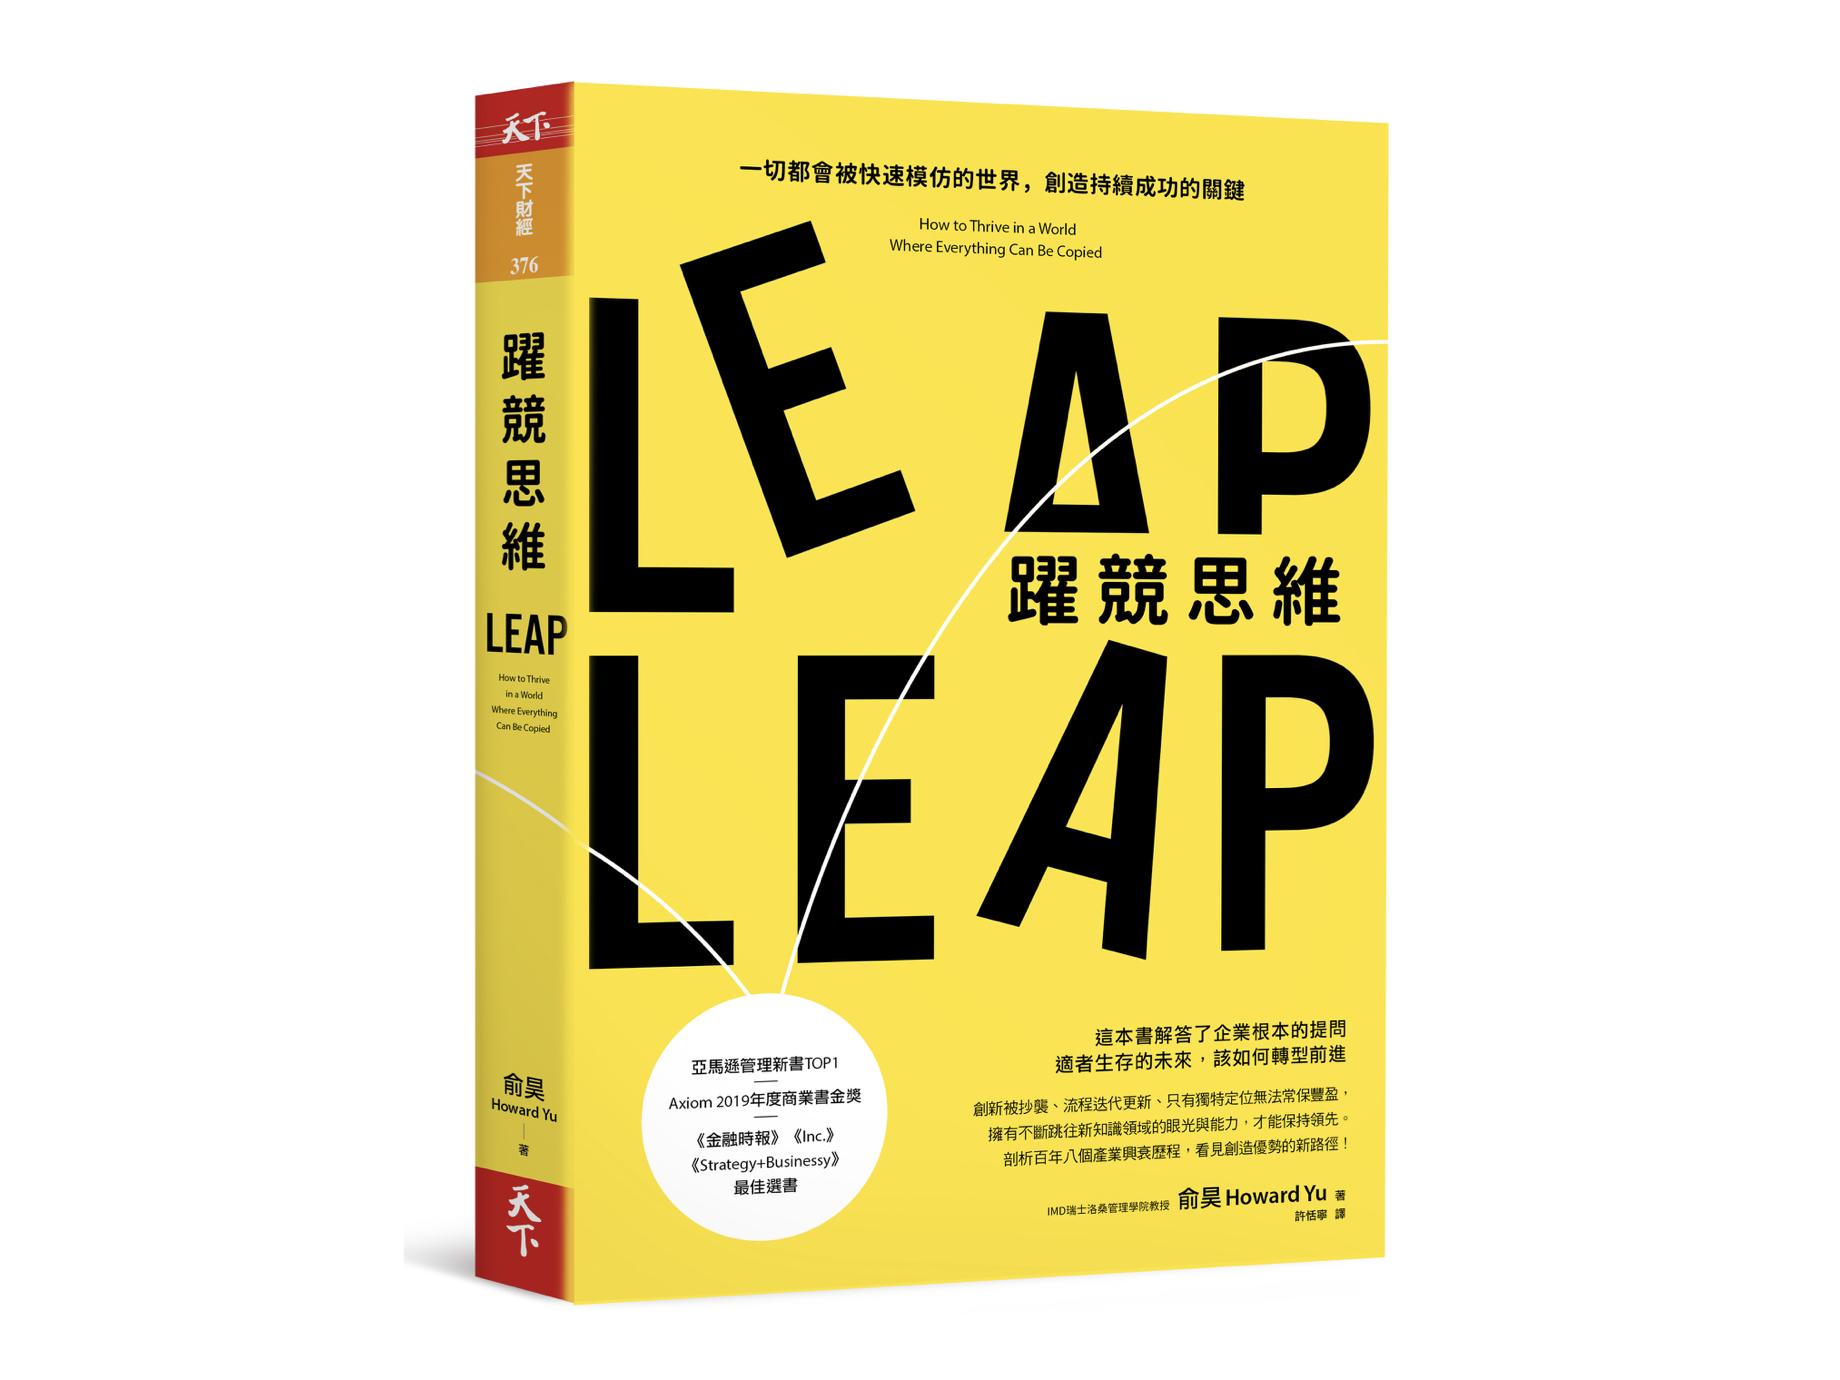 新書搶先看》從寶僑的兩難,看創造持續成功的關鍵「跳躍思維」